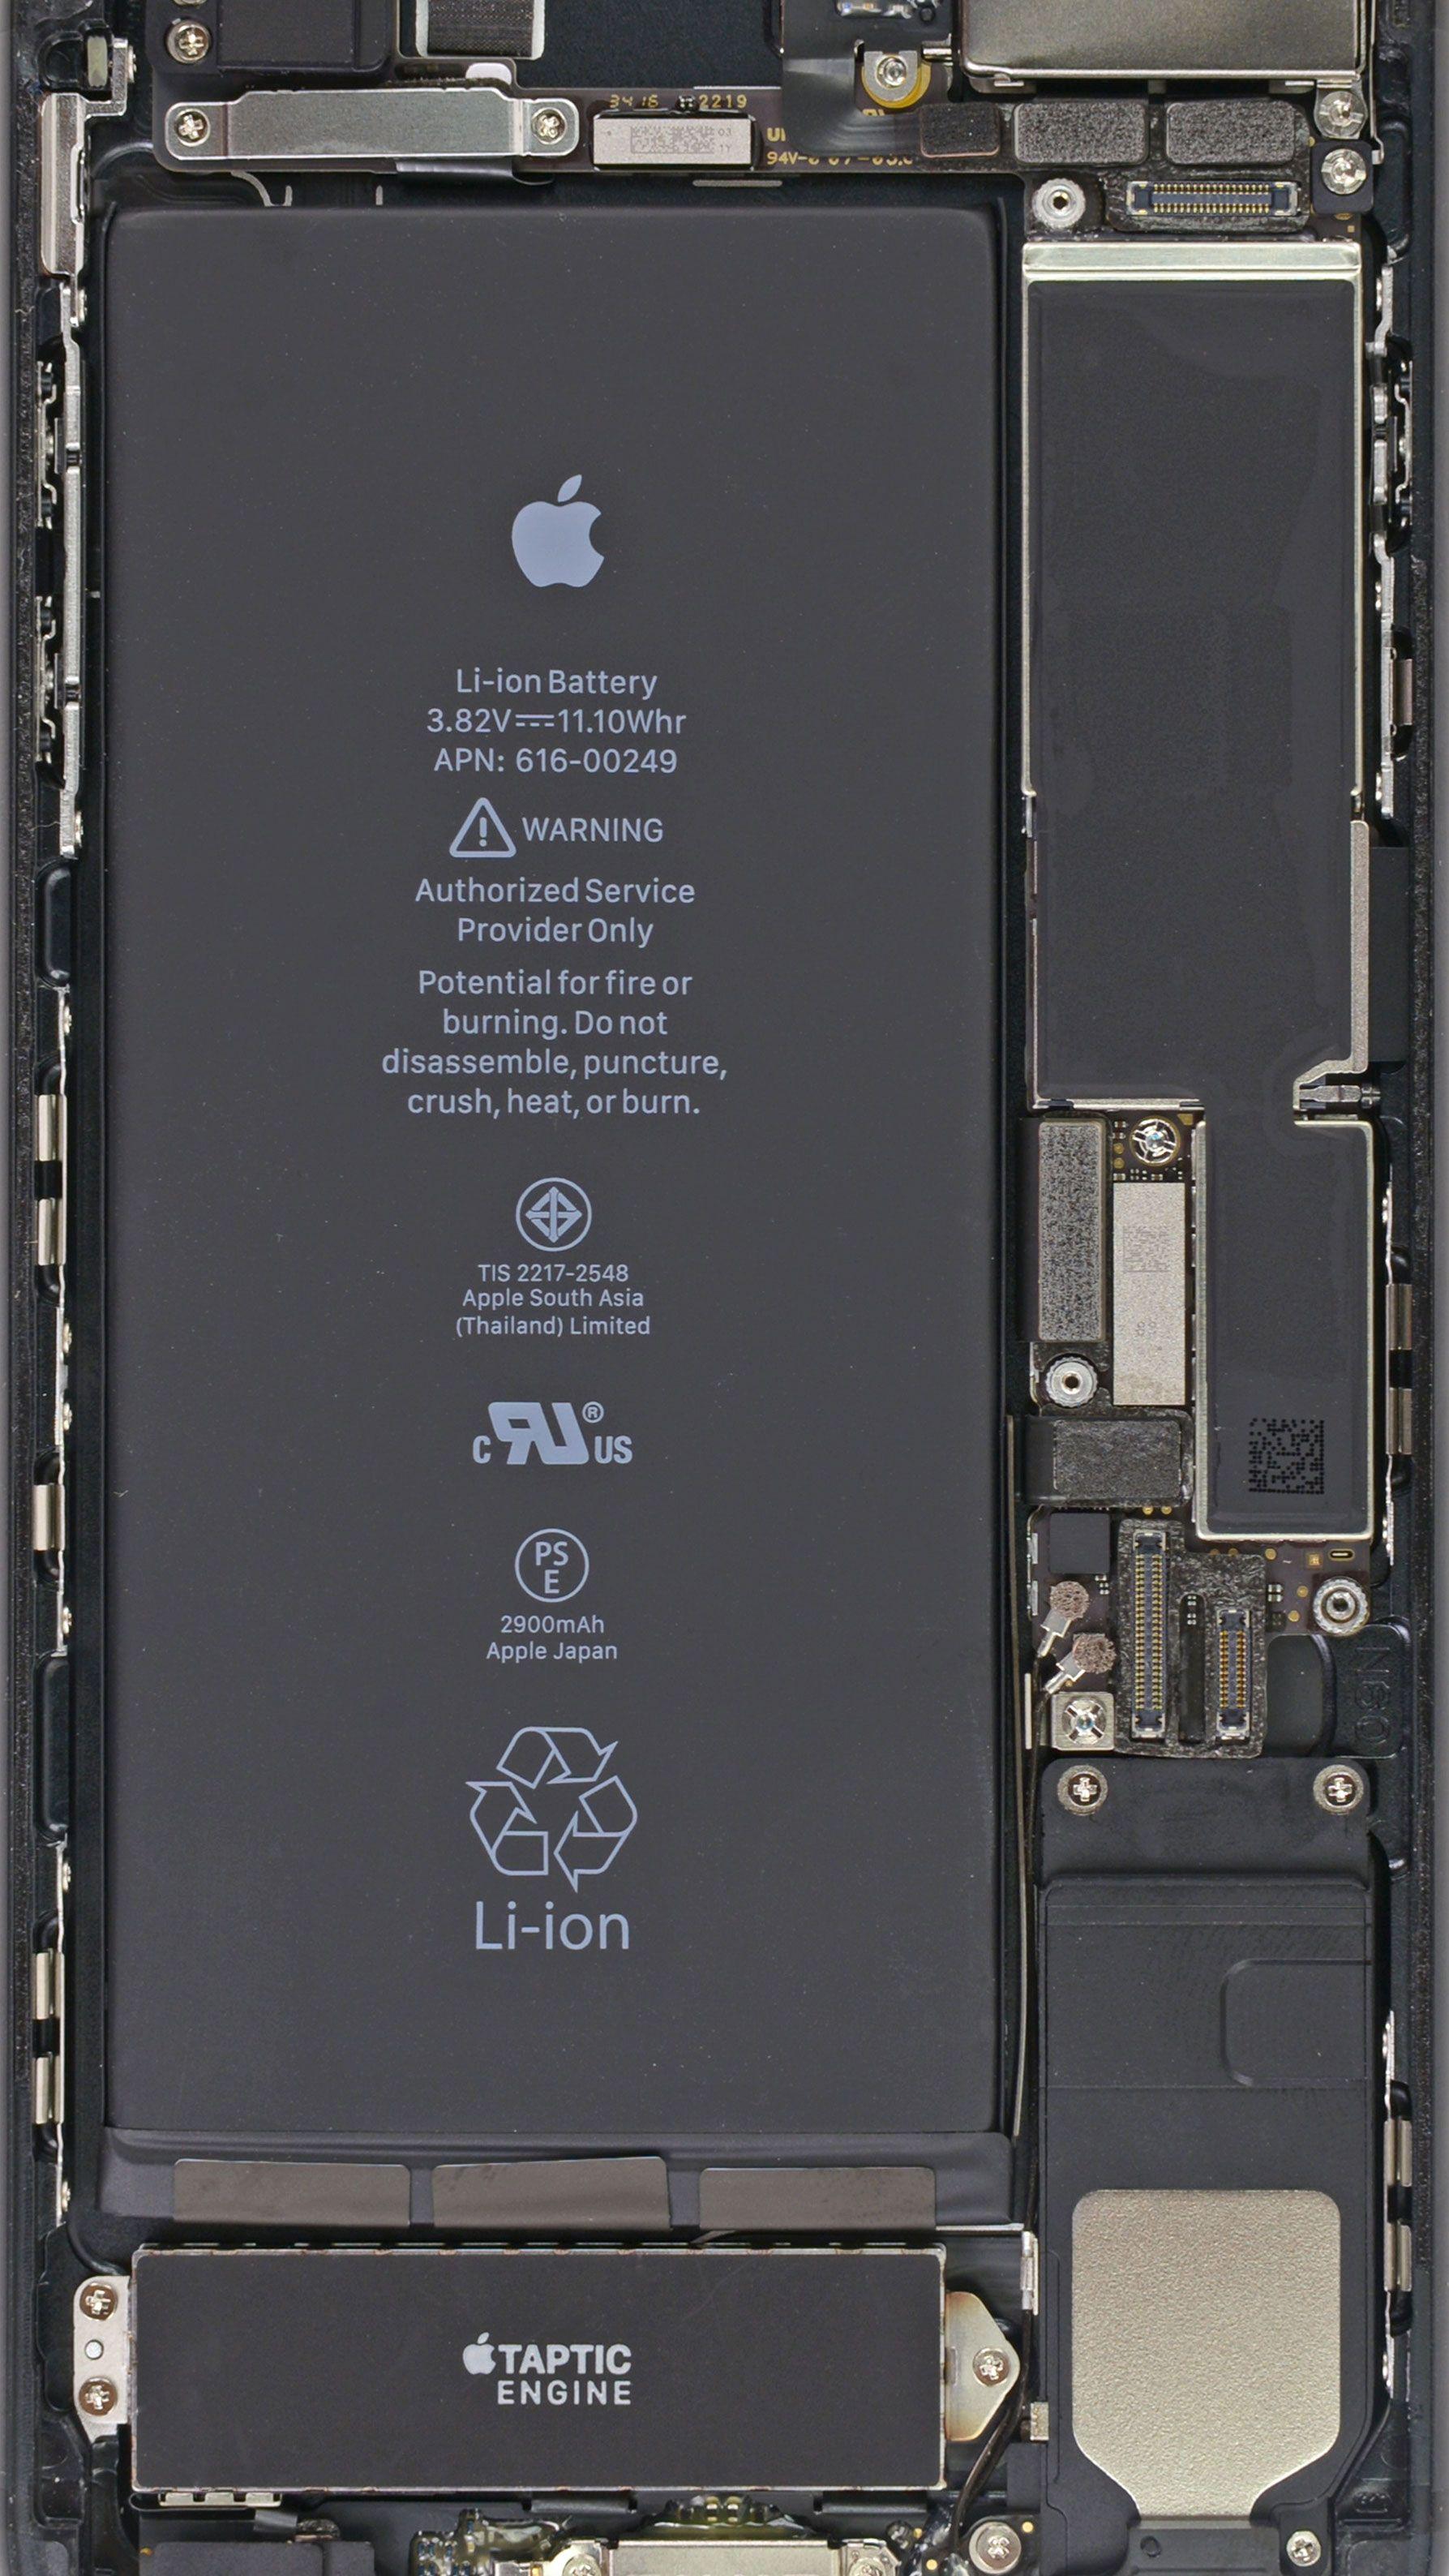 ボード Fondos Para Iphone のピン